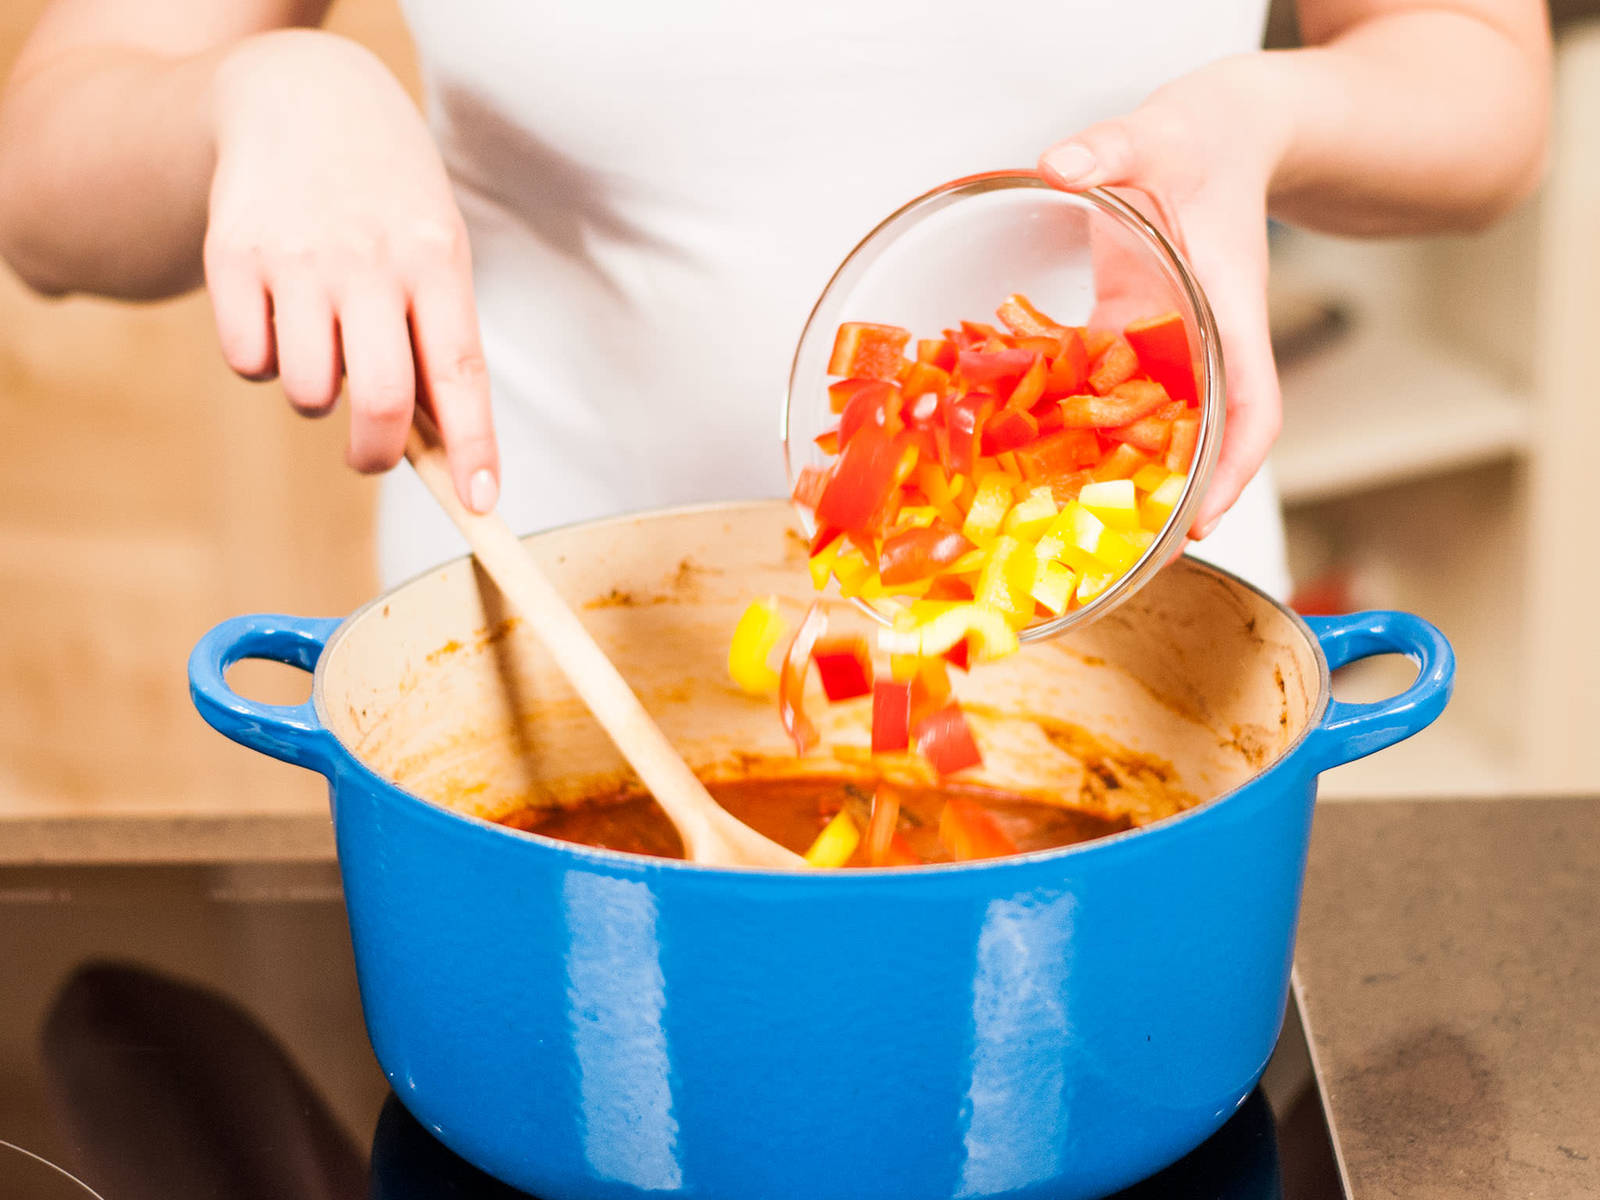 将灯笼椒切成易入口的小块,加入锅中,再继续煨20-30分钟至灯笼椒变软。取出月桂叶,放上酸奶油,趁热享用。